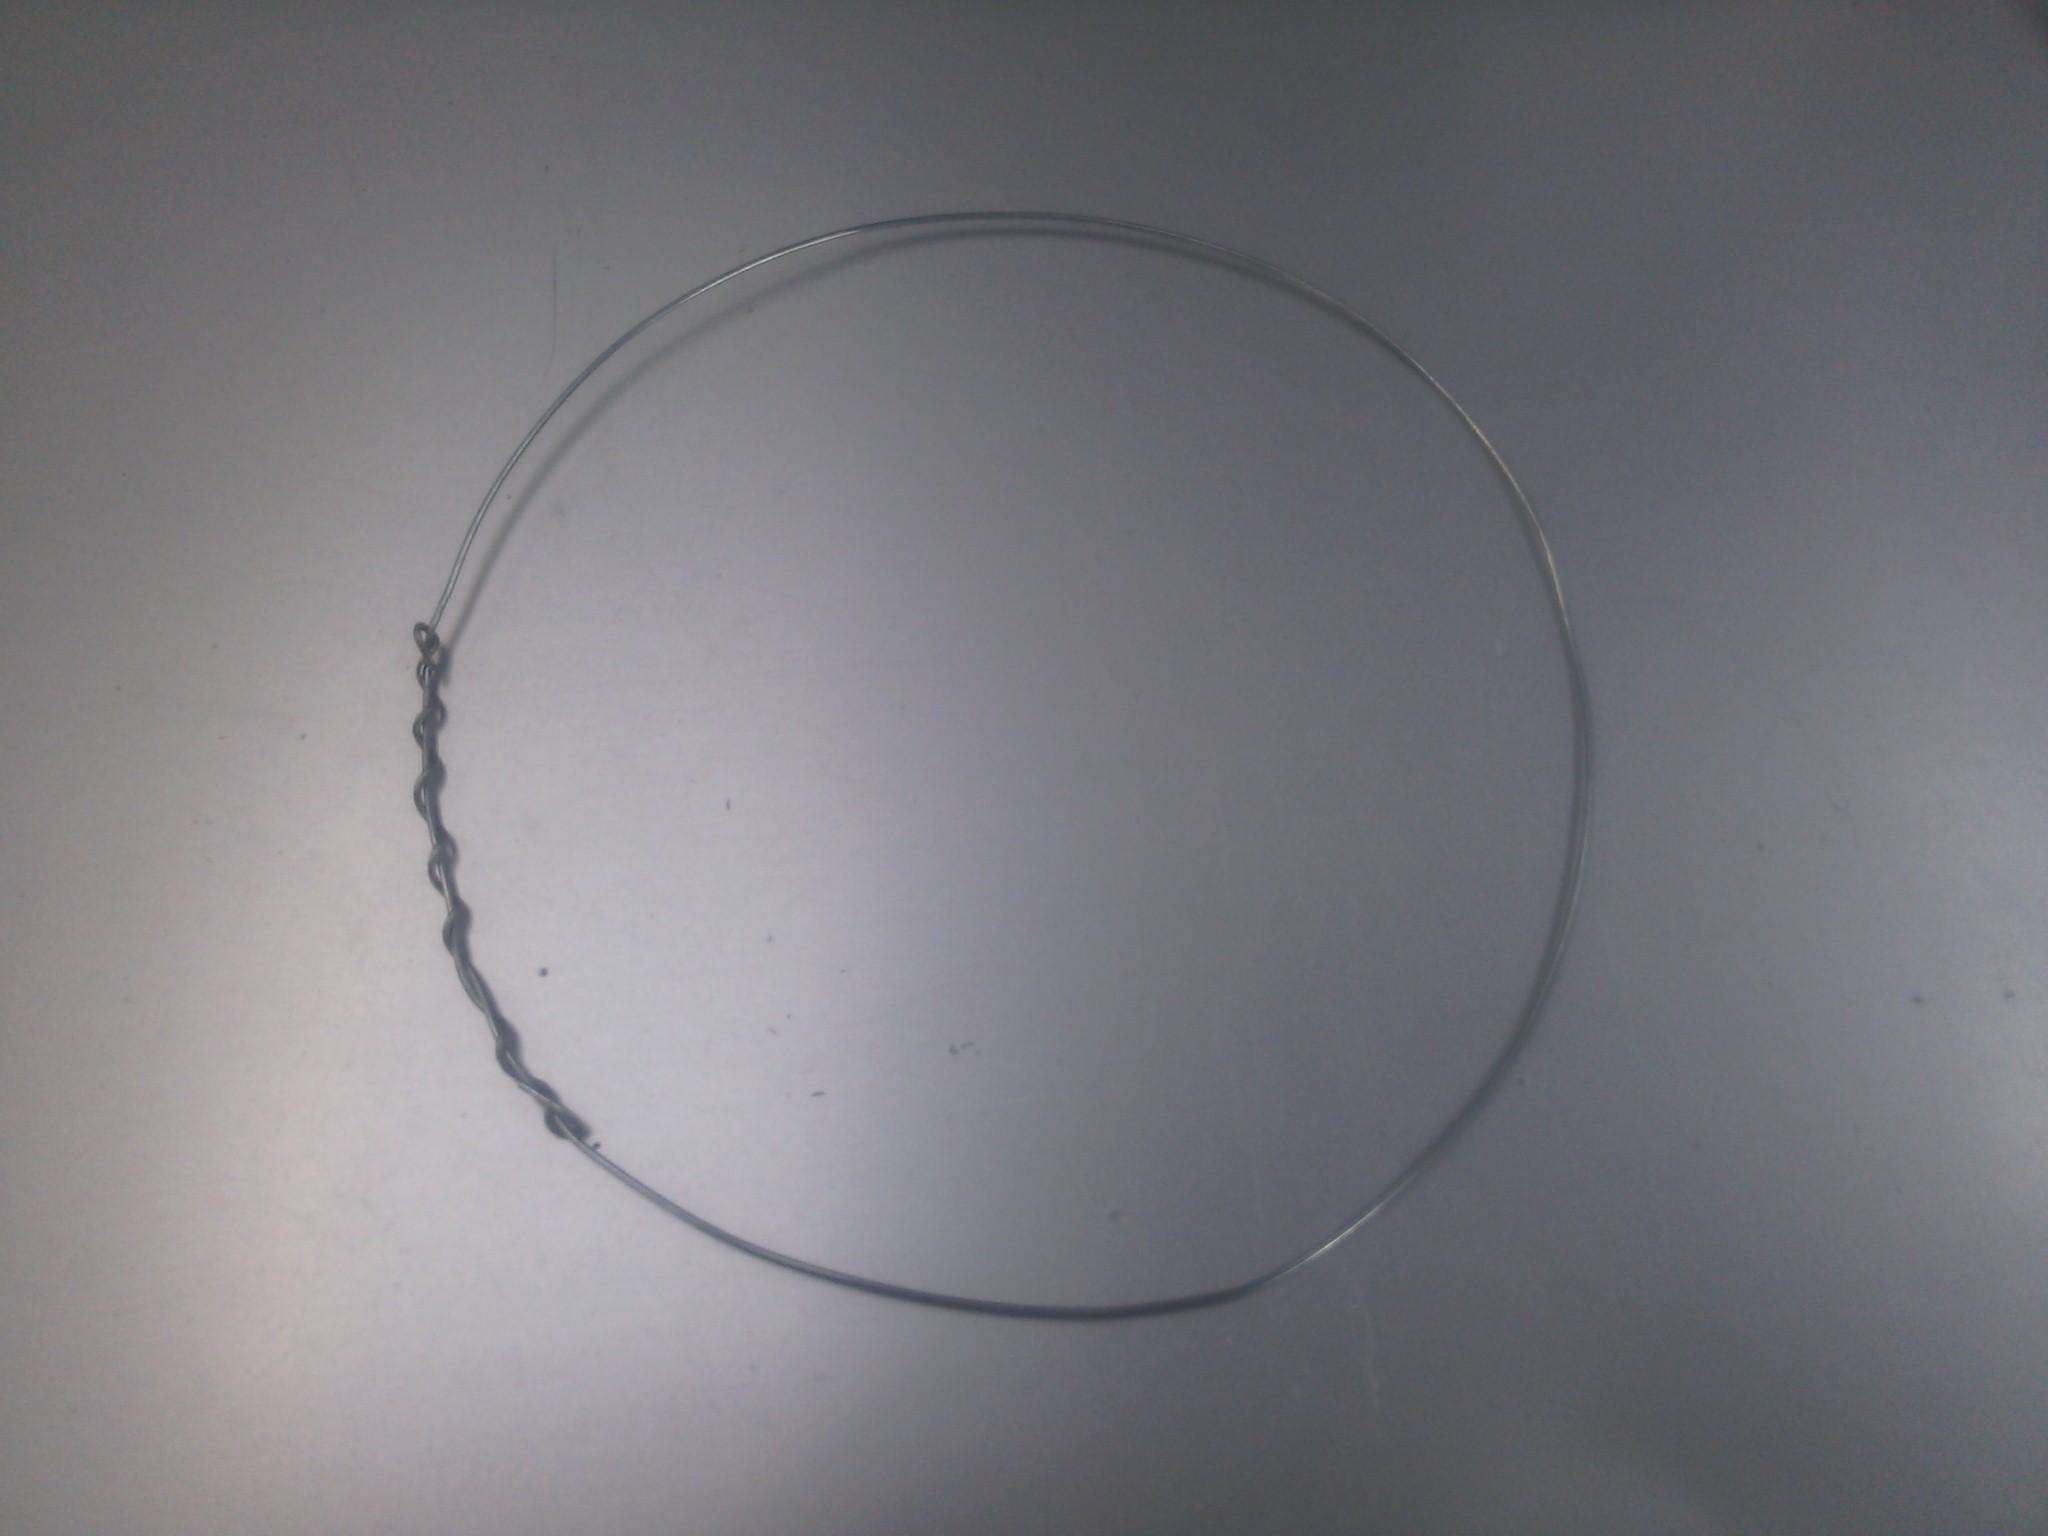 Picture of 手順2-2:針金を使ってモータと電池などを固定する支えを作る.